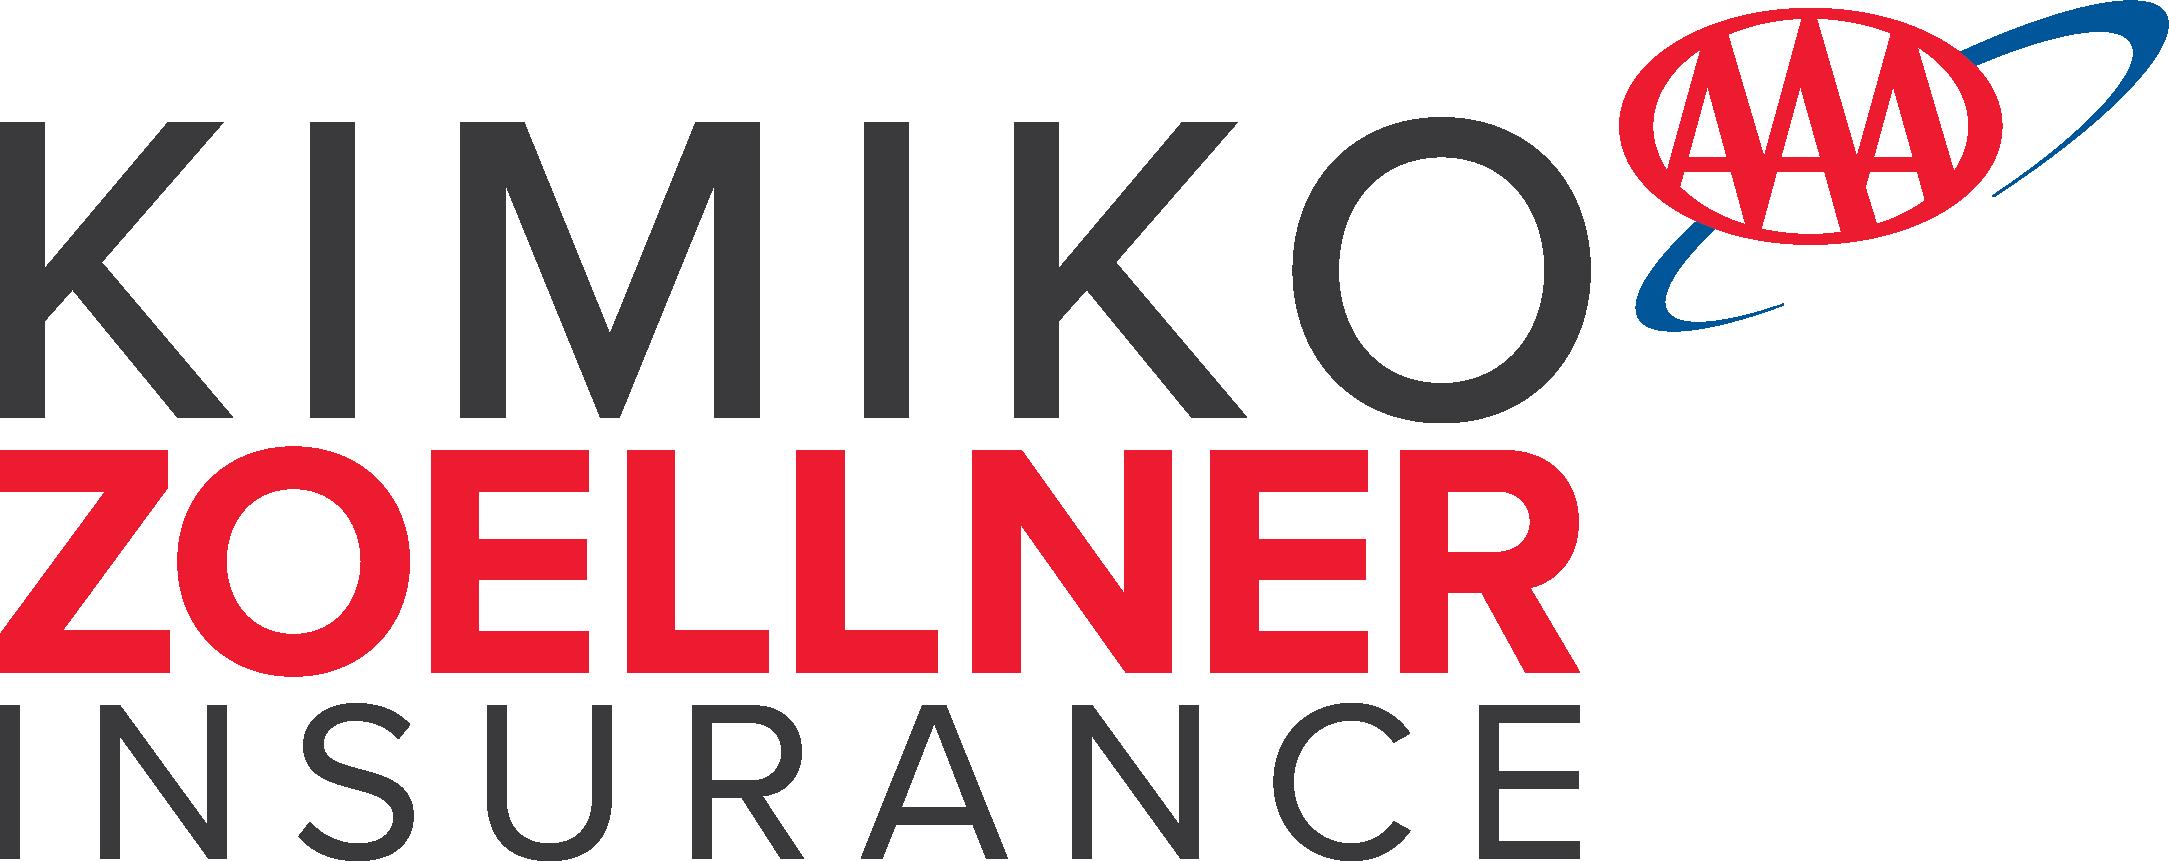 Kimiko-Zoellner AAA Insurance Agency - logo